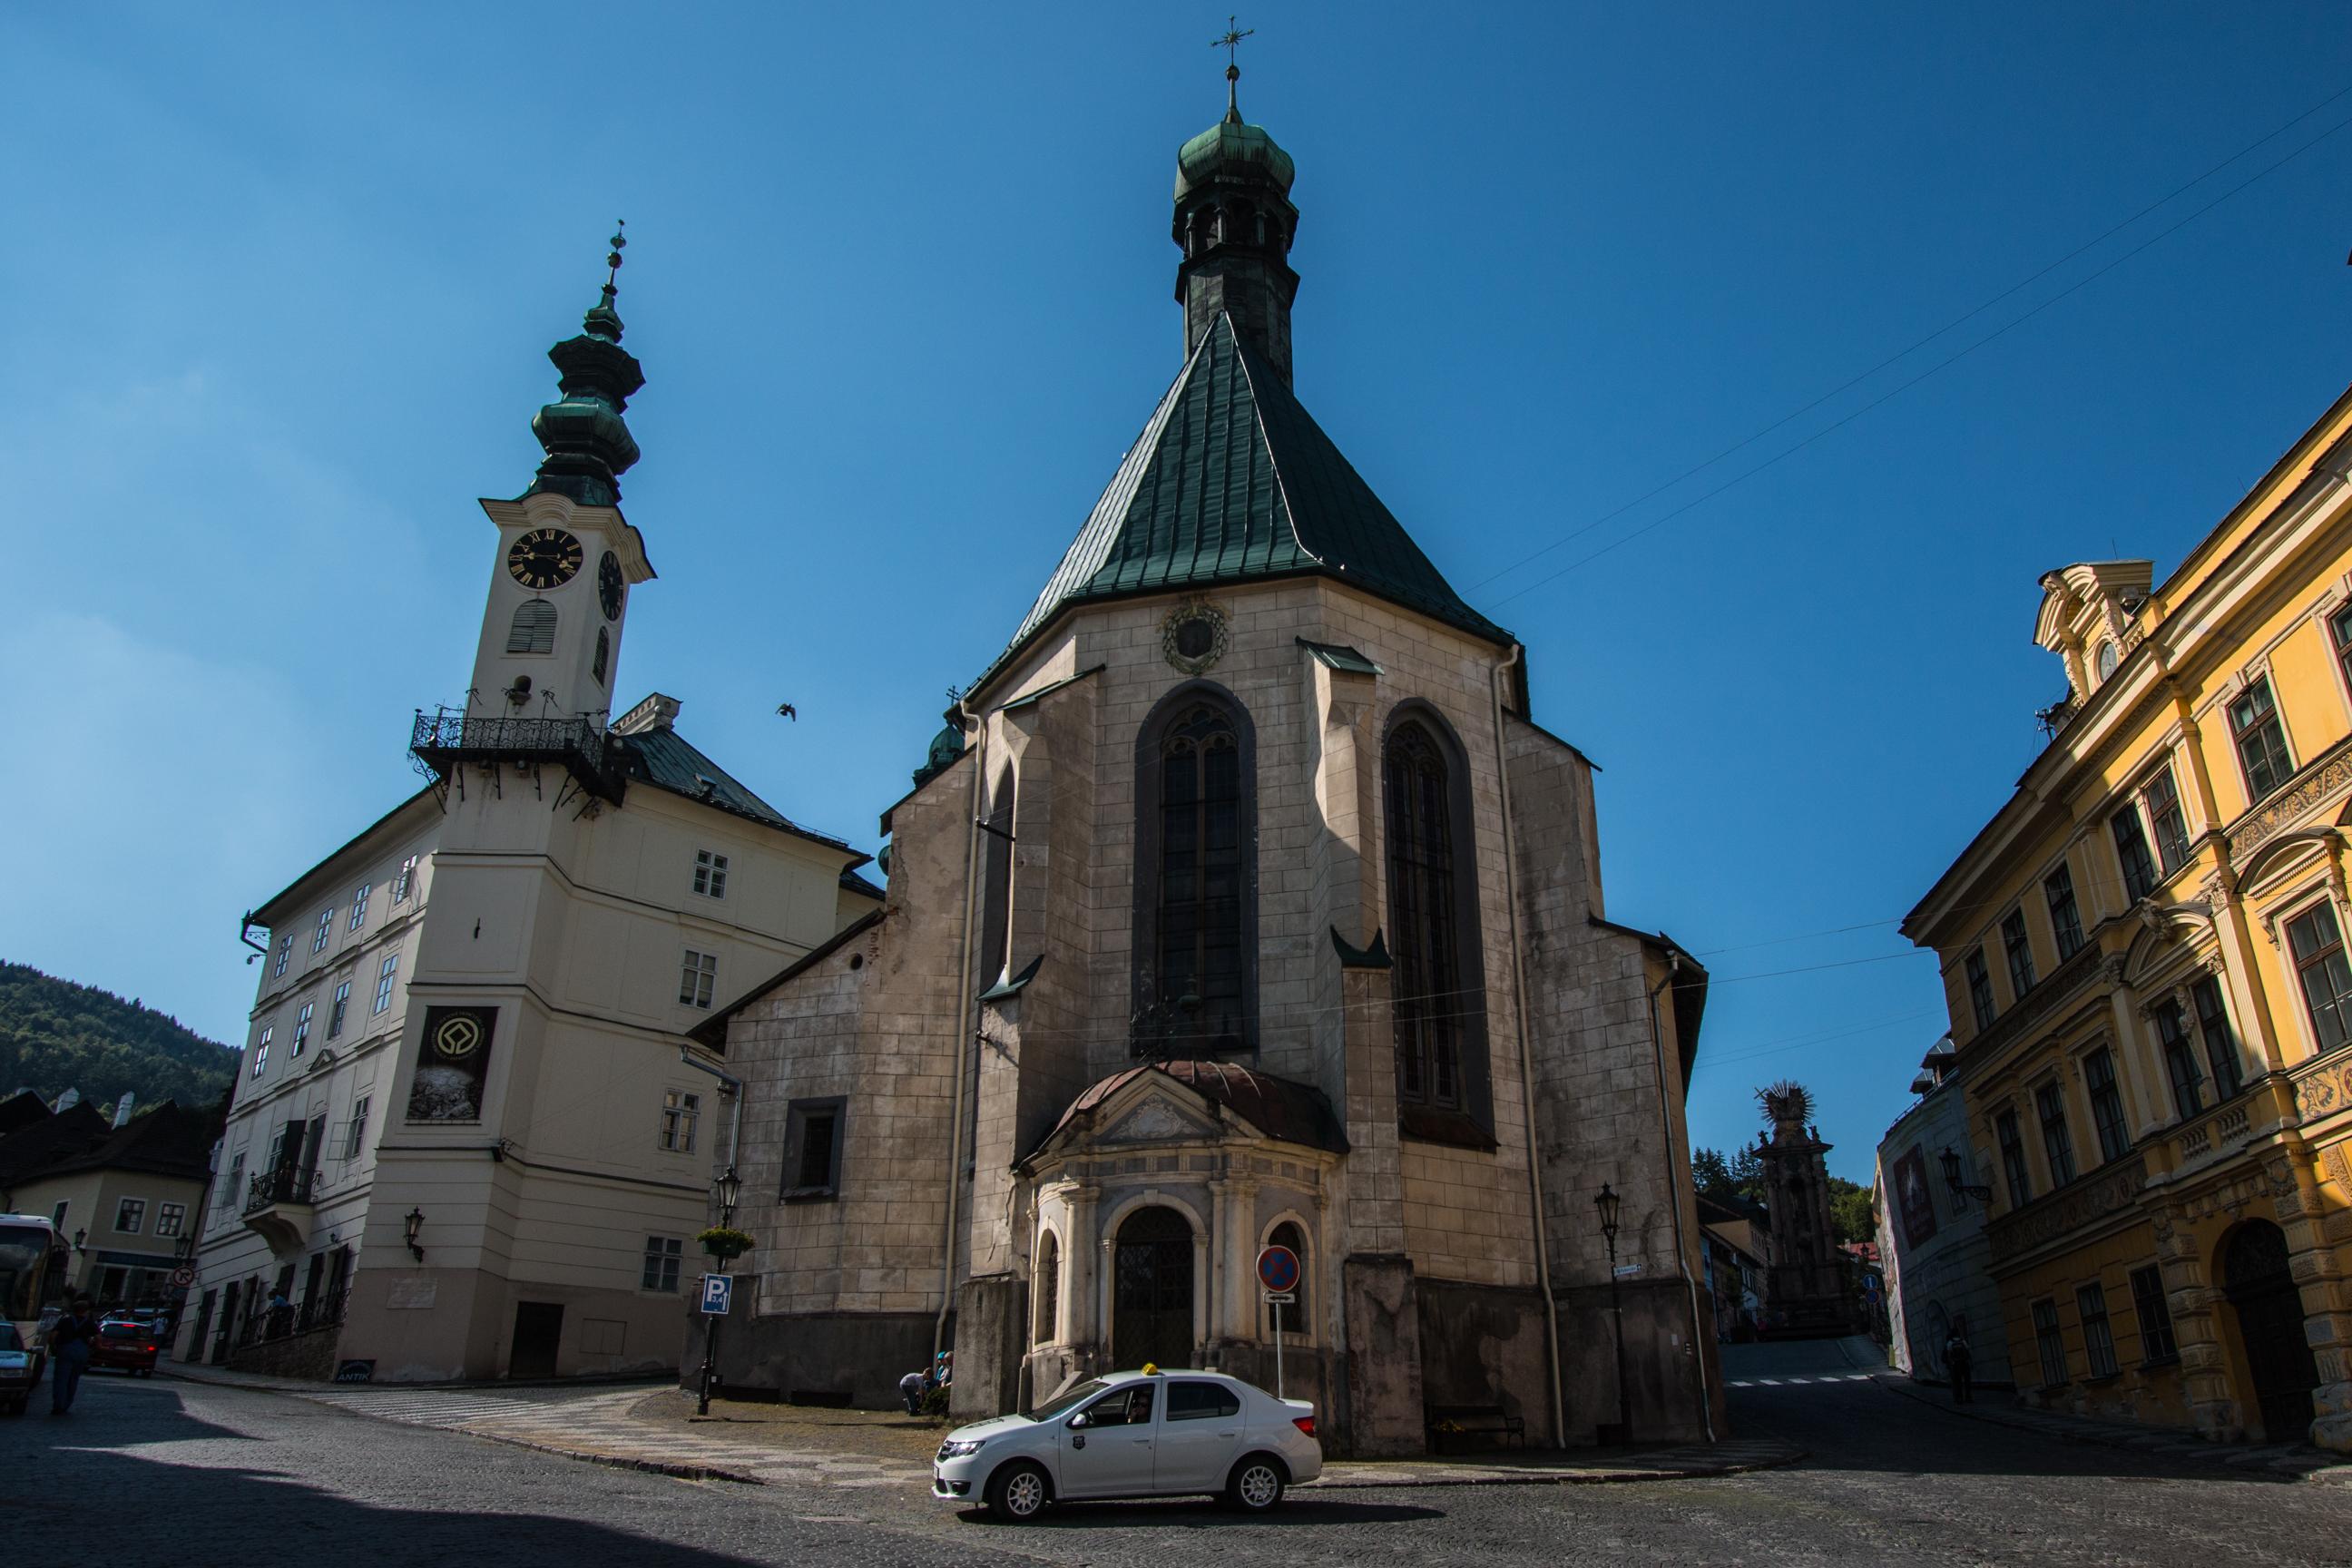 Kościół Św. Katarzyny, Ratusz Miejski oraz Plac Św. Trójcy z pomnikiem Św. Trójcy